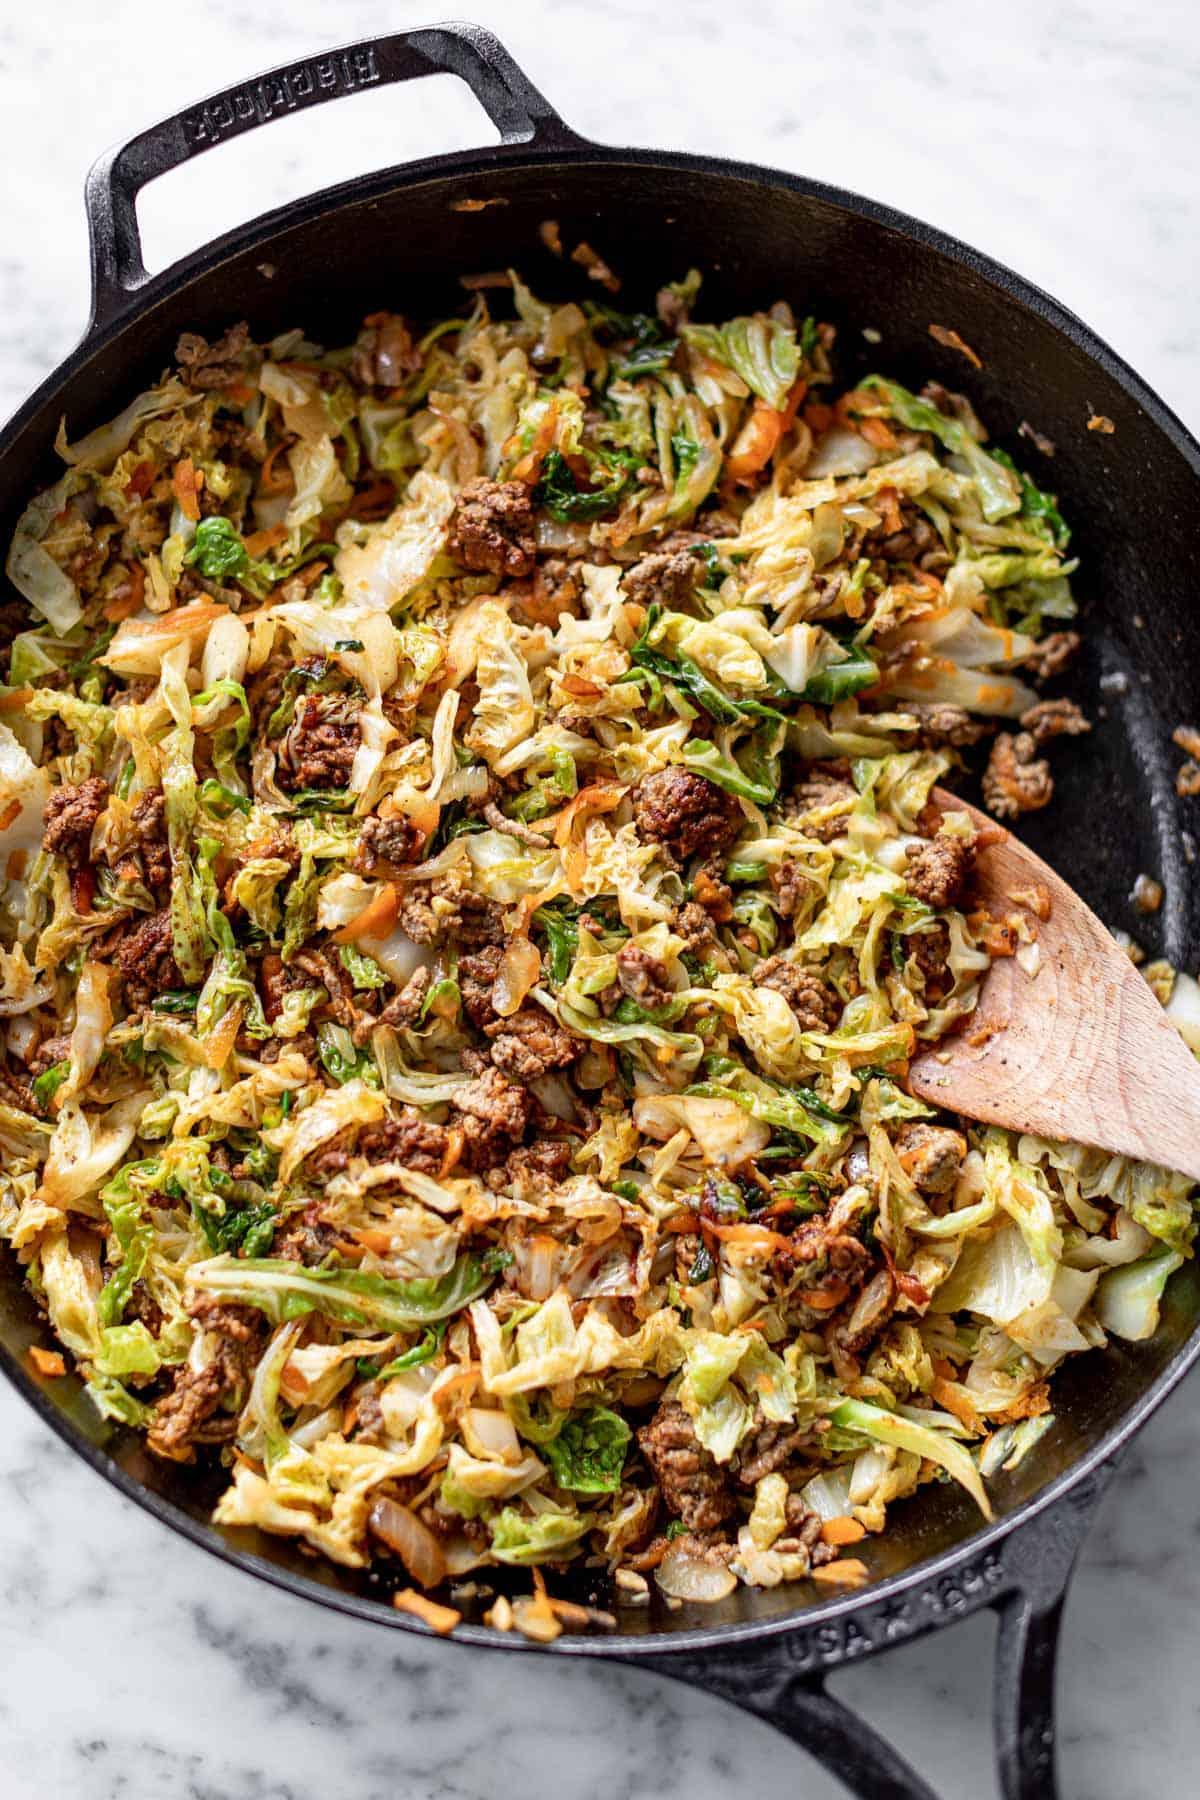 Ground Beef Stir Fry in a skillet | cafedelites.com